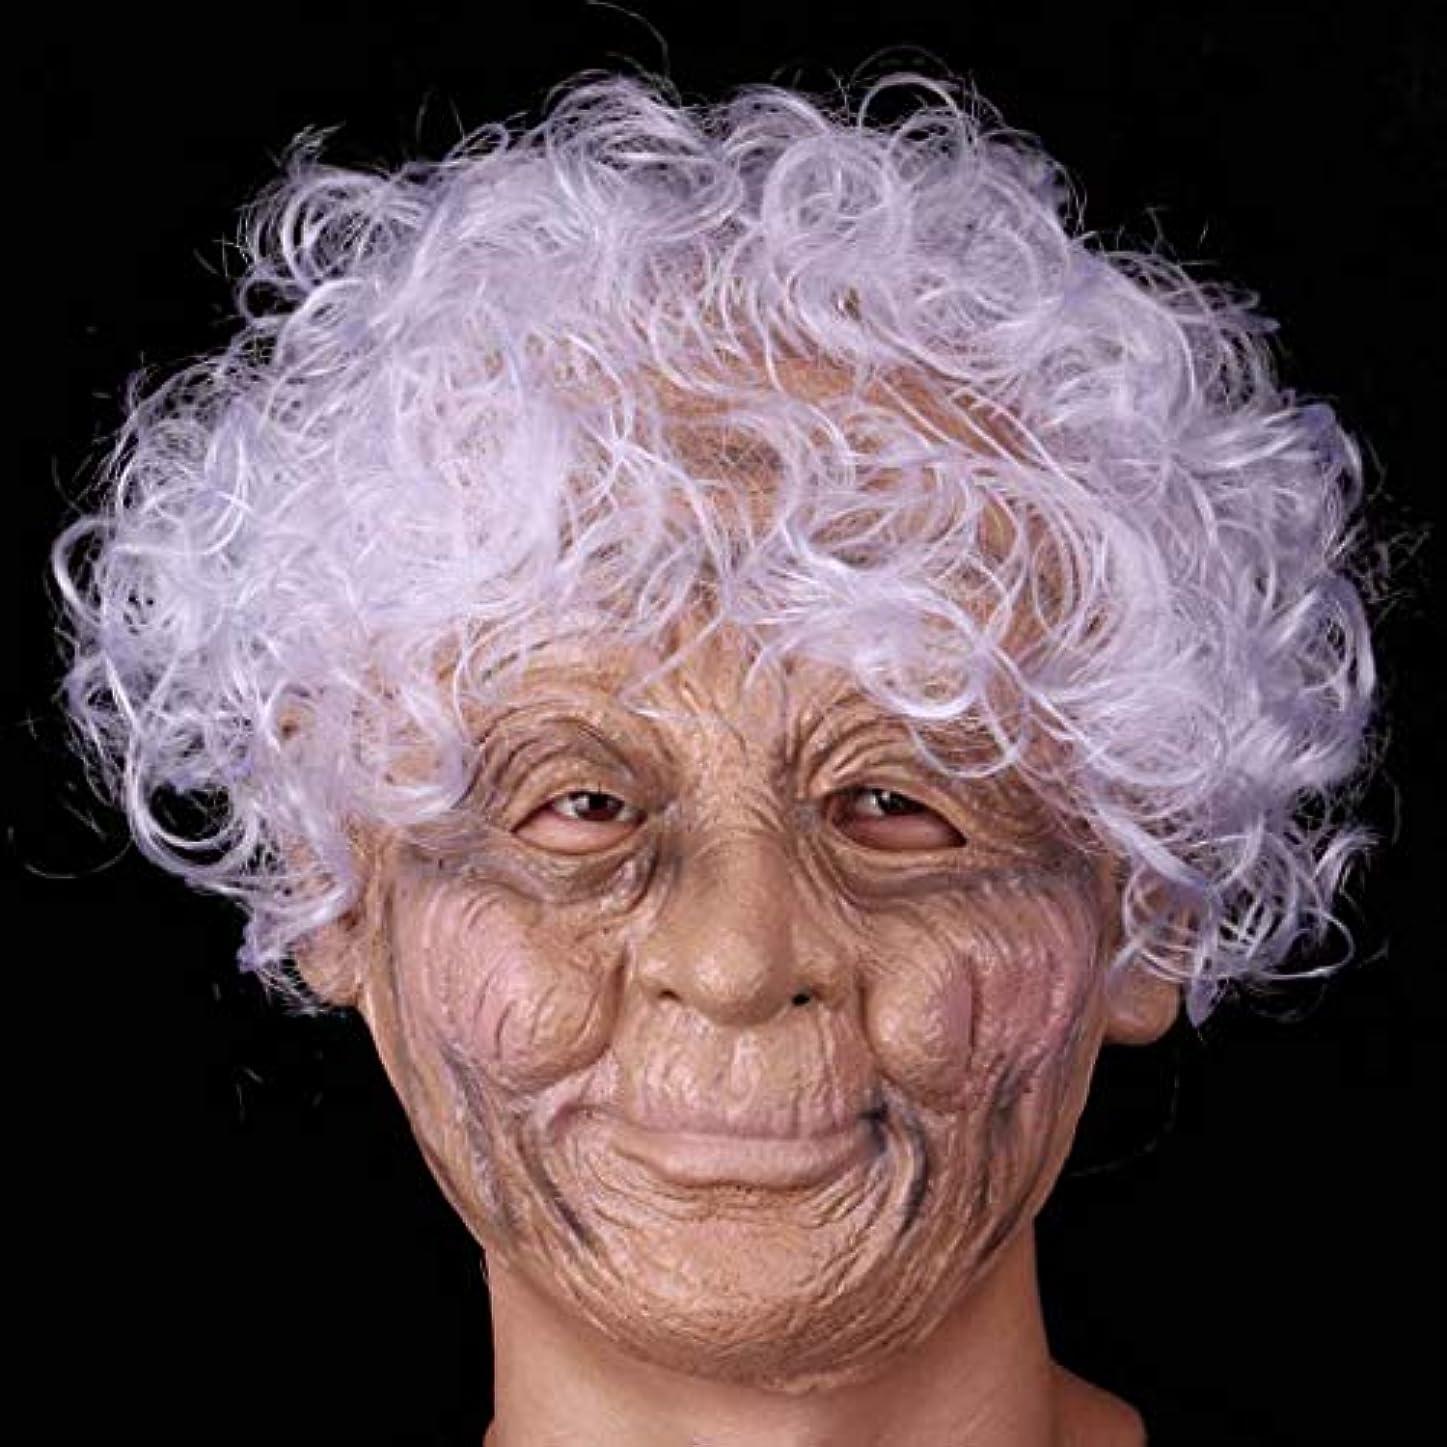 遠洋の公使館抽象ハロウィンラテックスフルフェイスマスクしわ魔女マスクおばあちゃんと白髪衣装プロップパーティーコスプレ